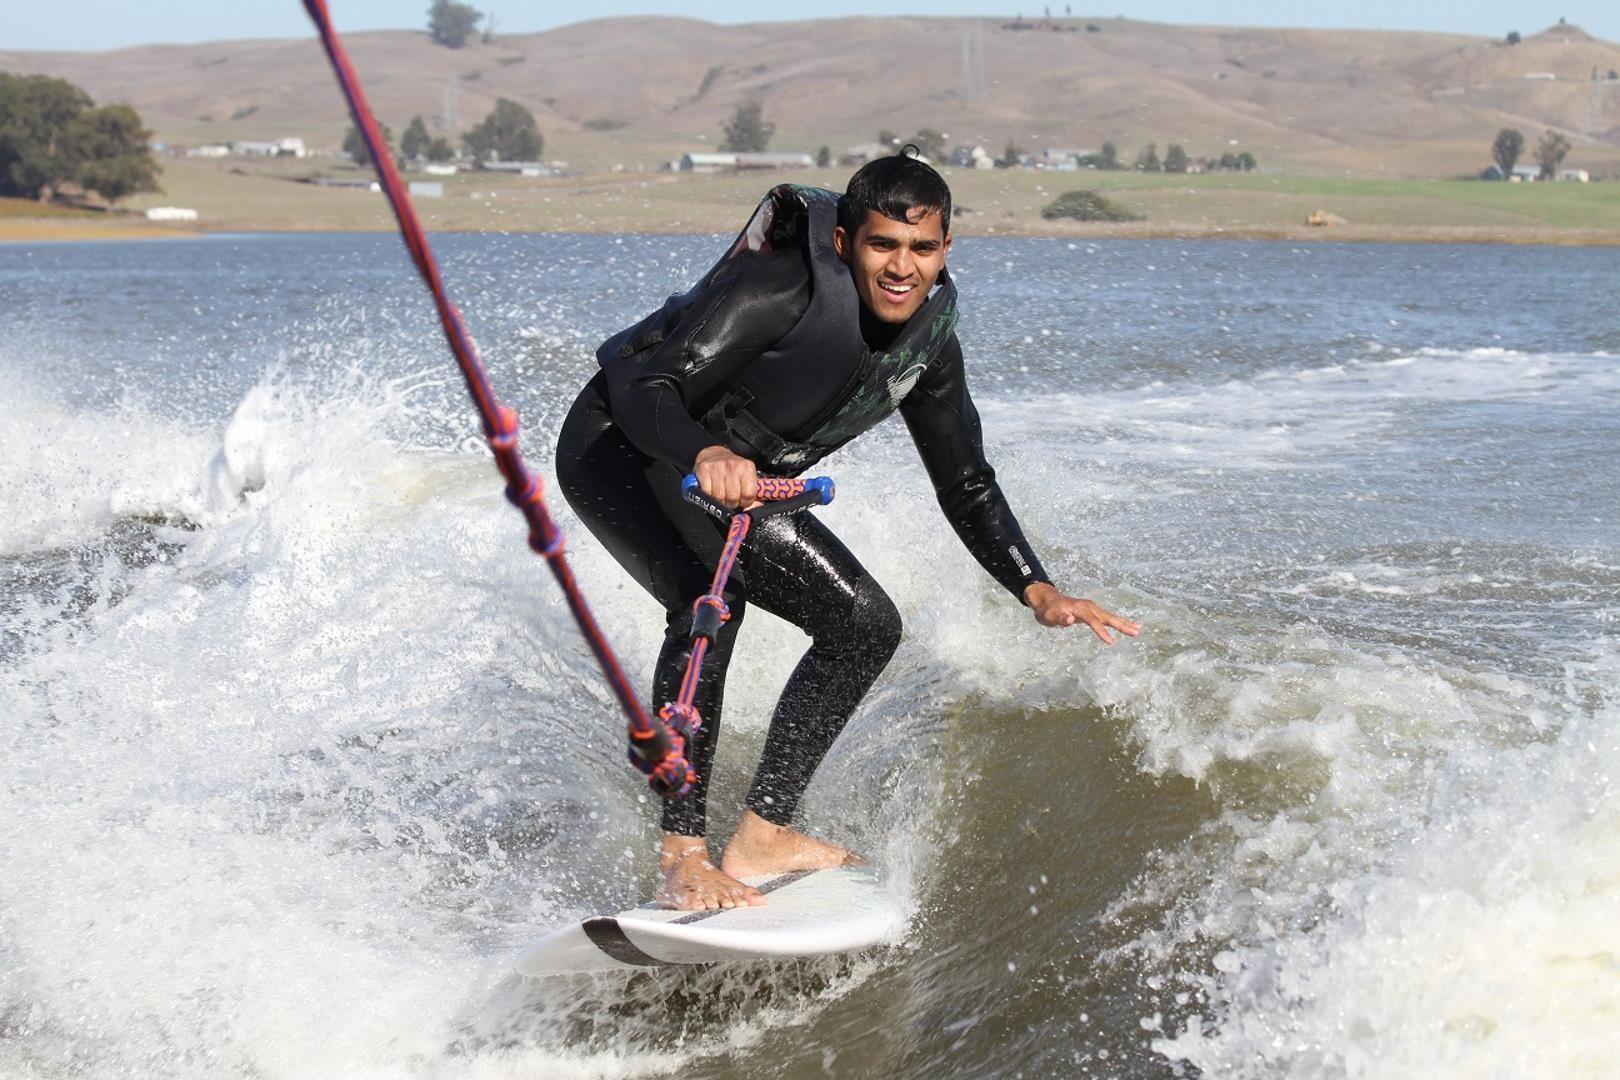 surf technique training utter joy